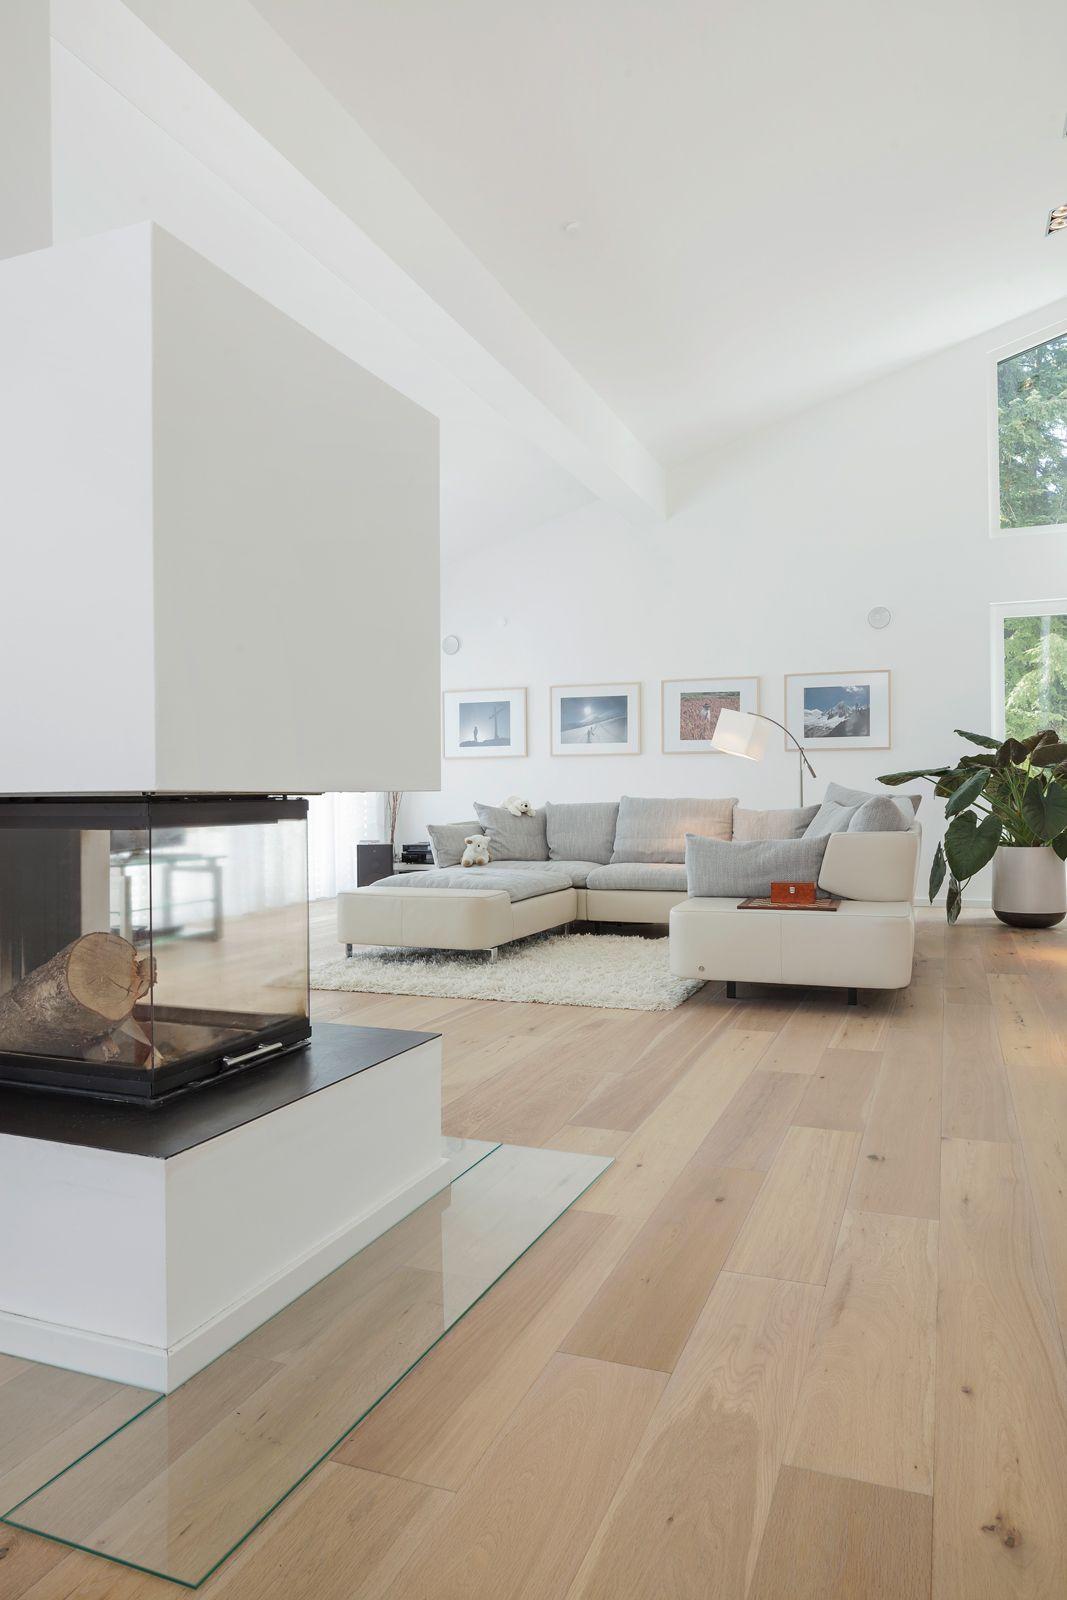 Pin von Reid Yoshimura auf Floors | Pinterest | Glas, Wohnzimmer und ...